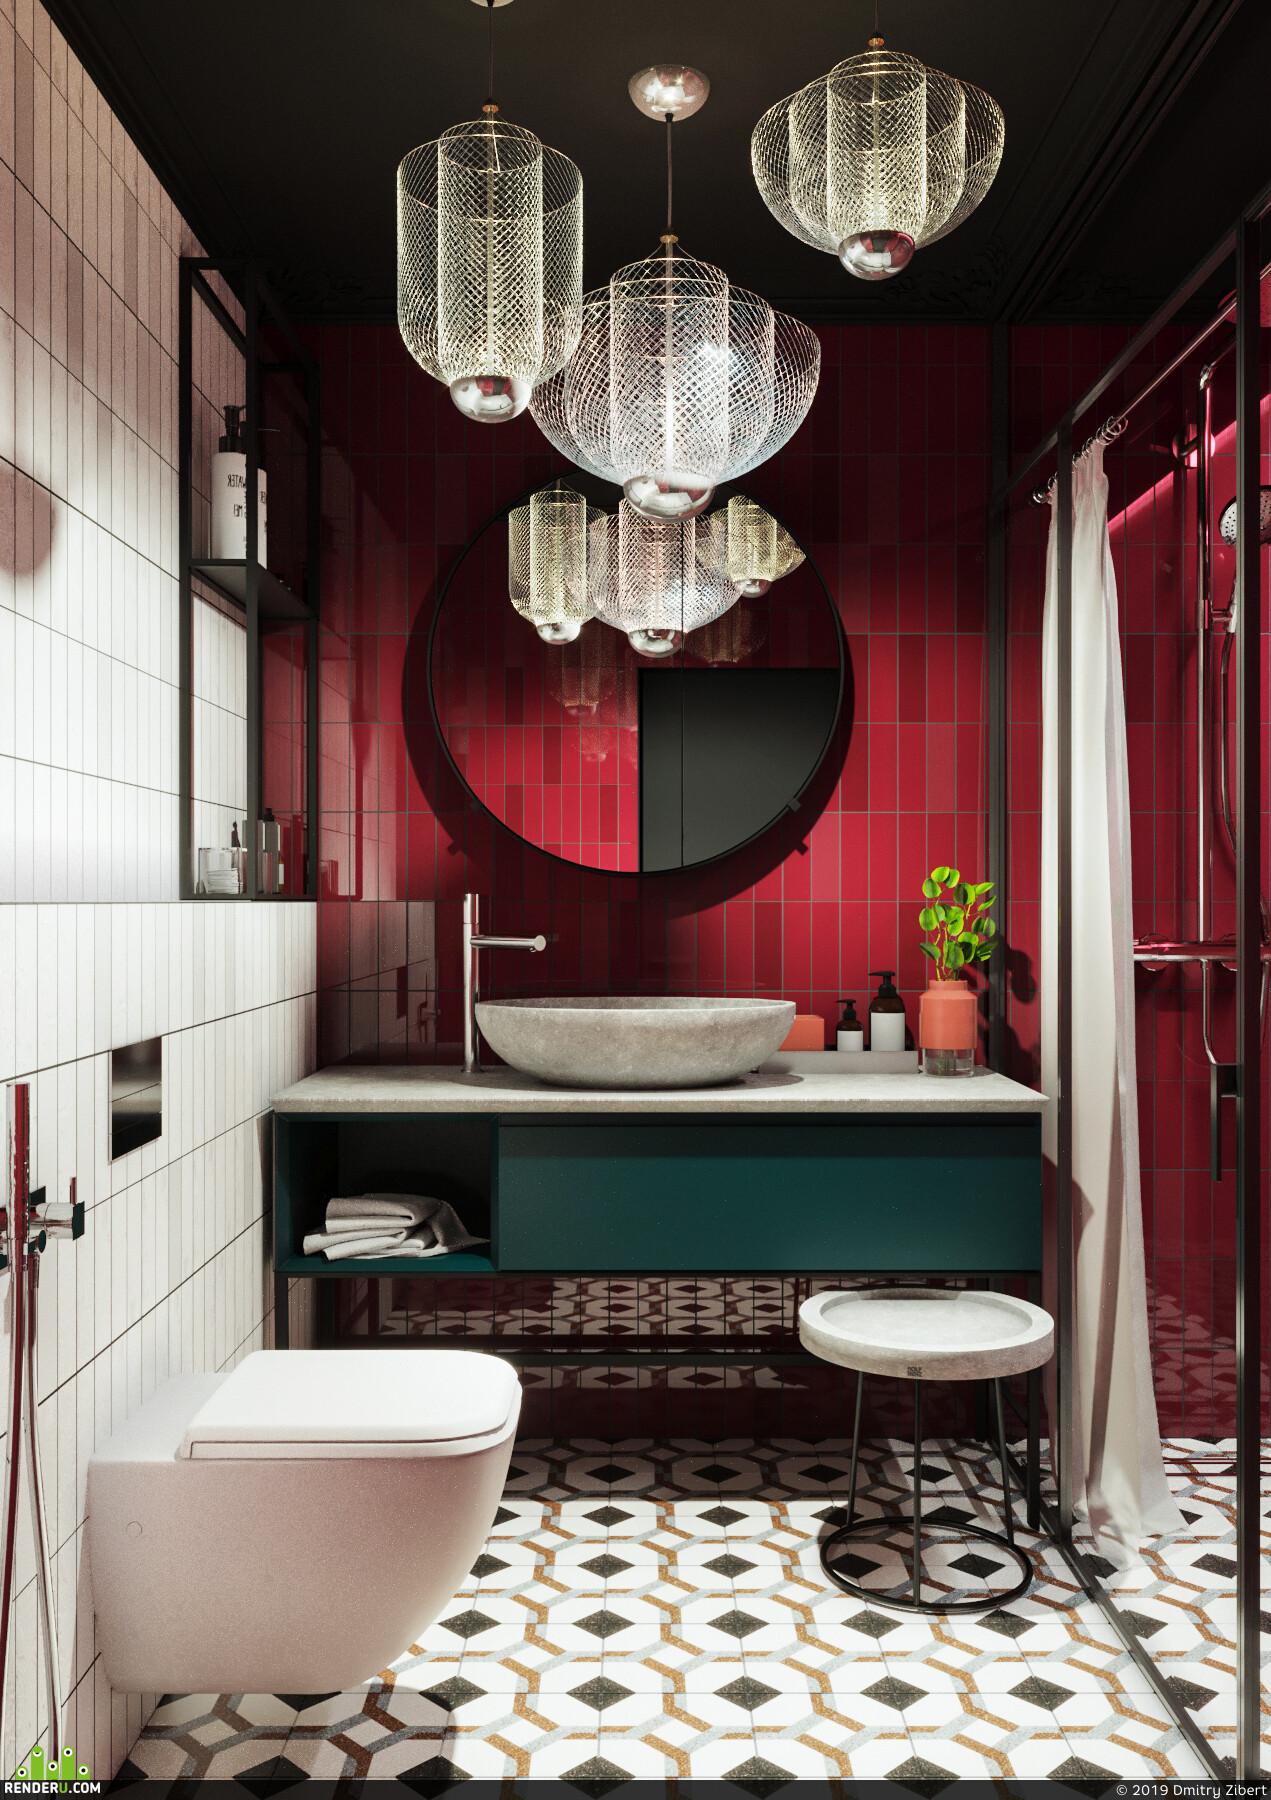 дизайн интерьера, дизайн спальни, дизайнгостиной, дизайн кухни, 3д визуализация, Визуализация, архитектурная визуализация